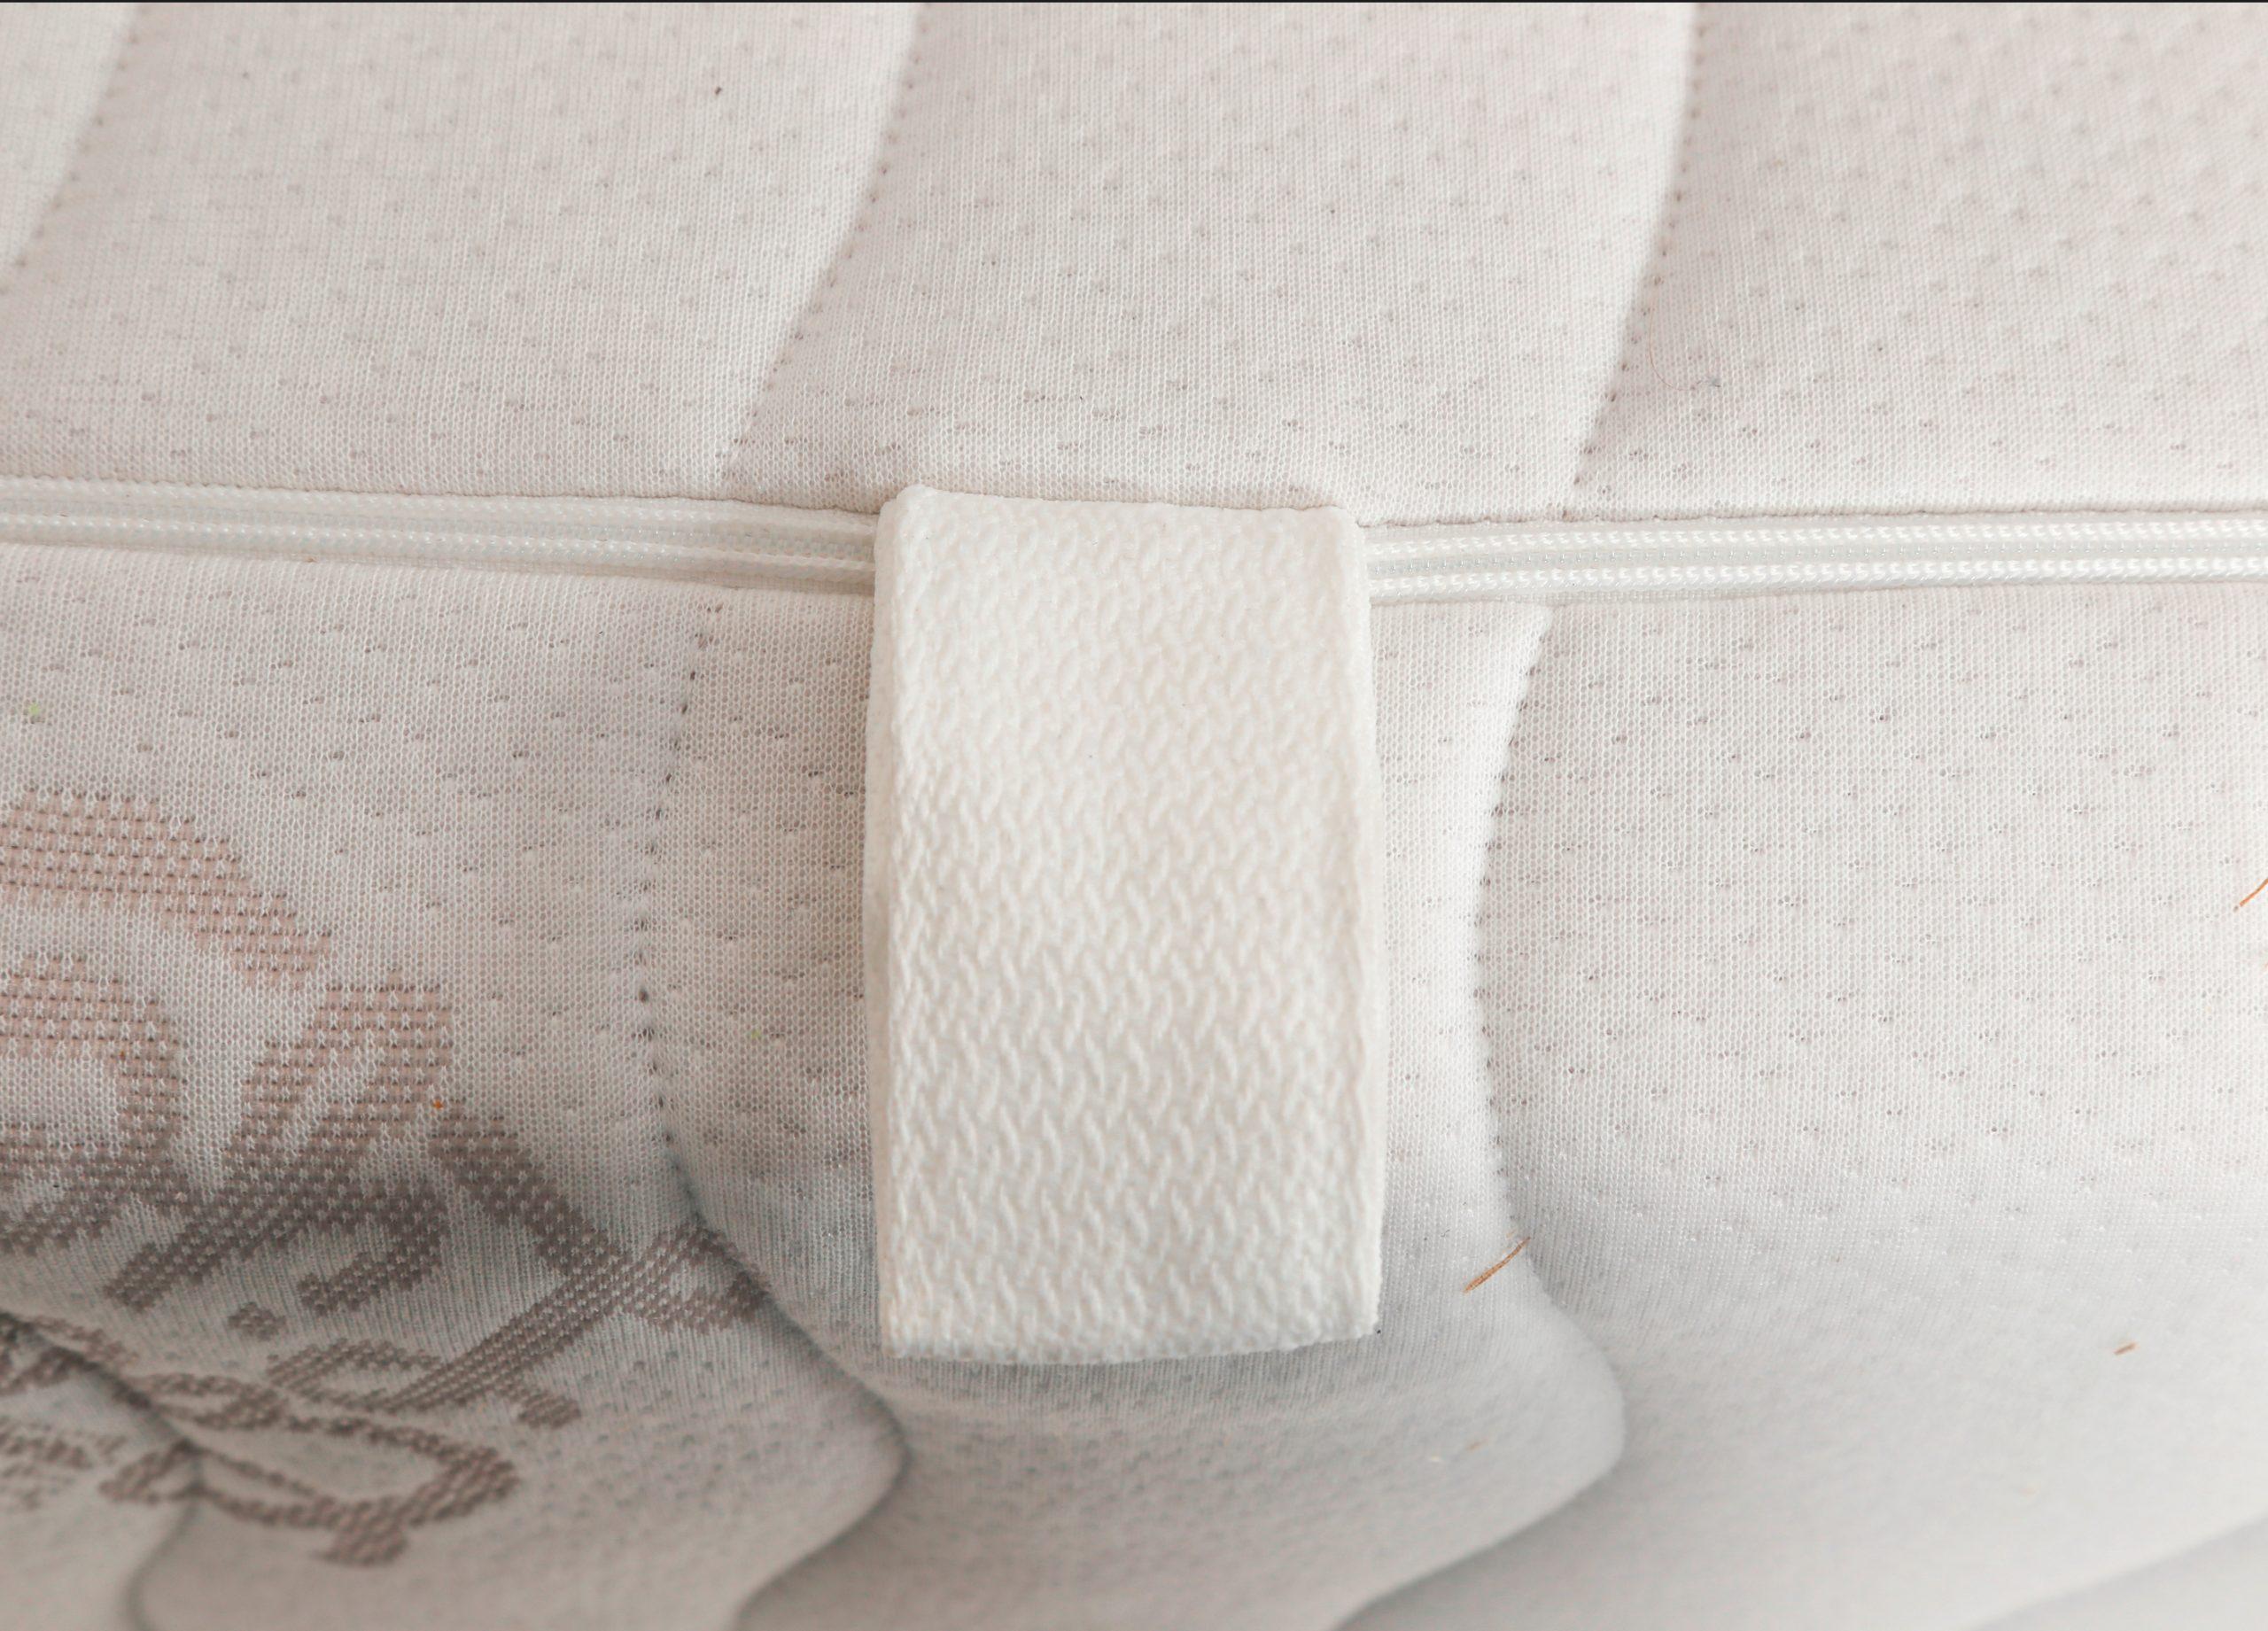 Betten-ABC Matratze im Detail